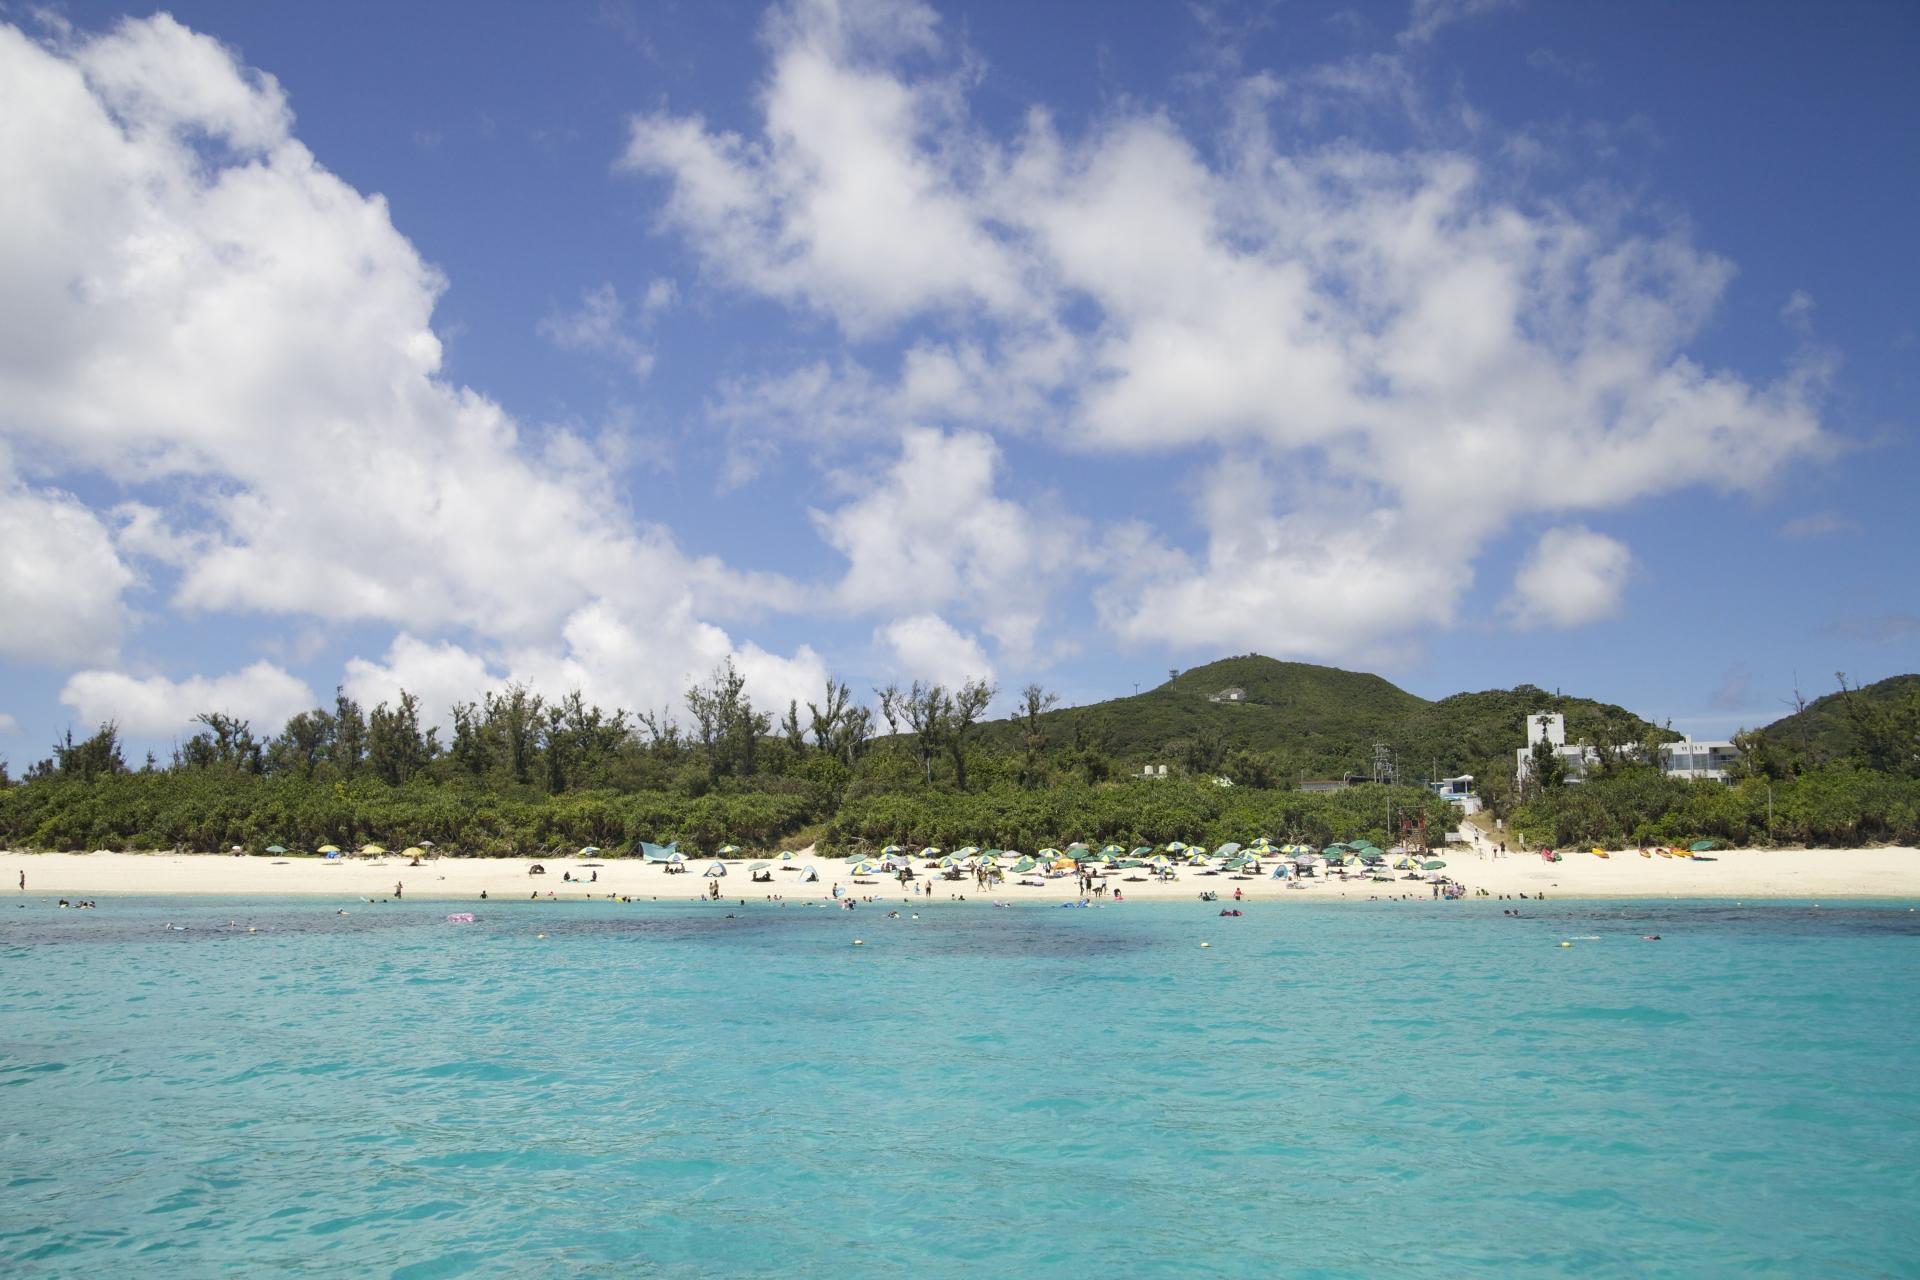 日本にある無人島の割合は何割?島の定義と無人島・有人島の数